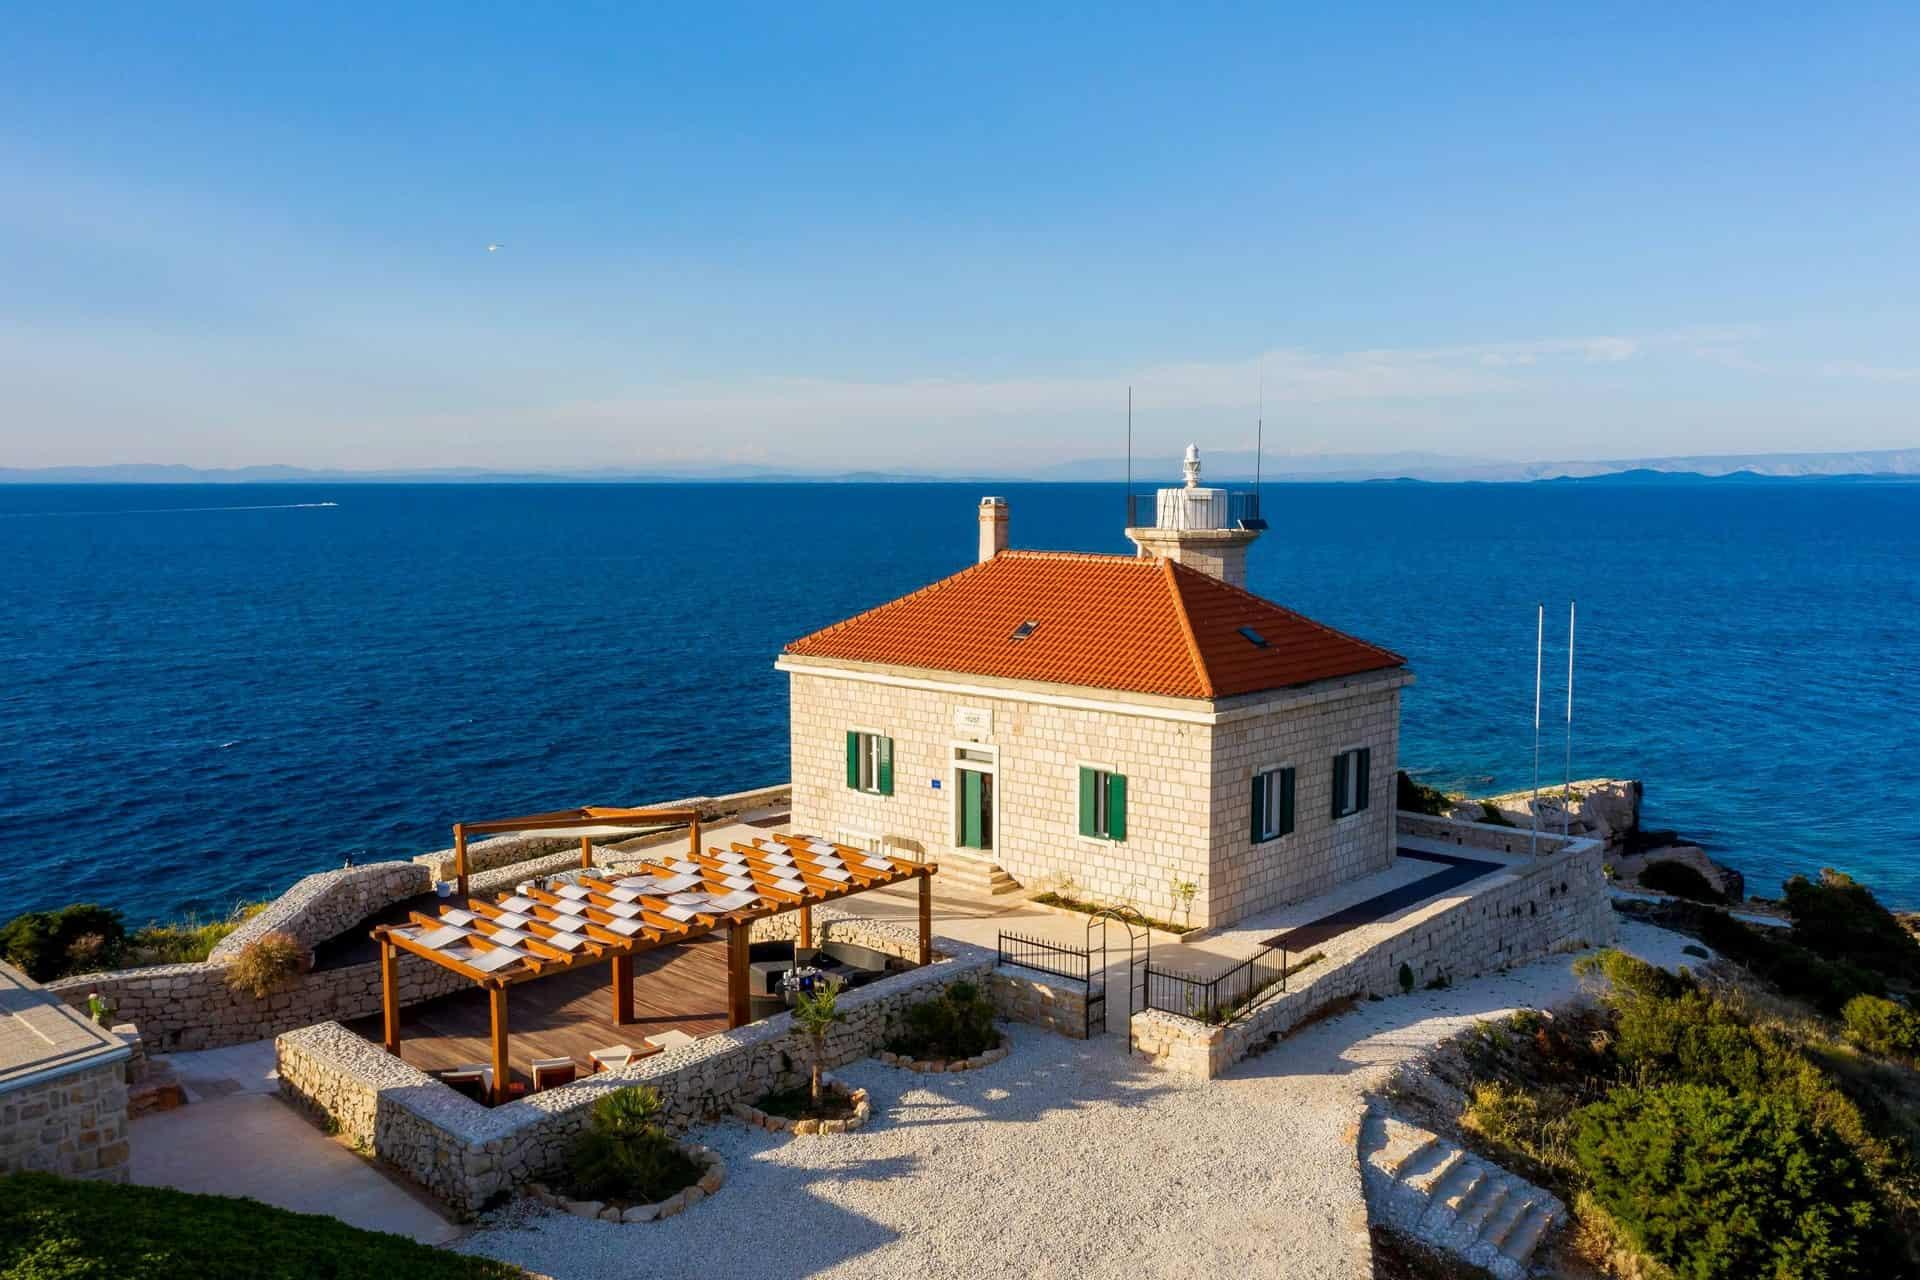 Luksuzni svjetionik direktno na moru